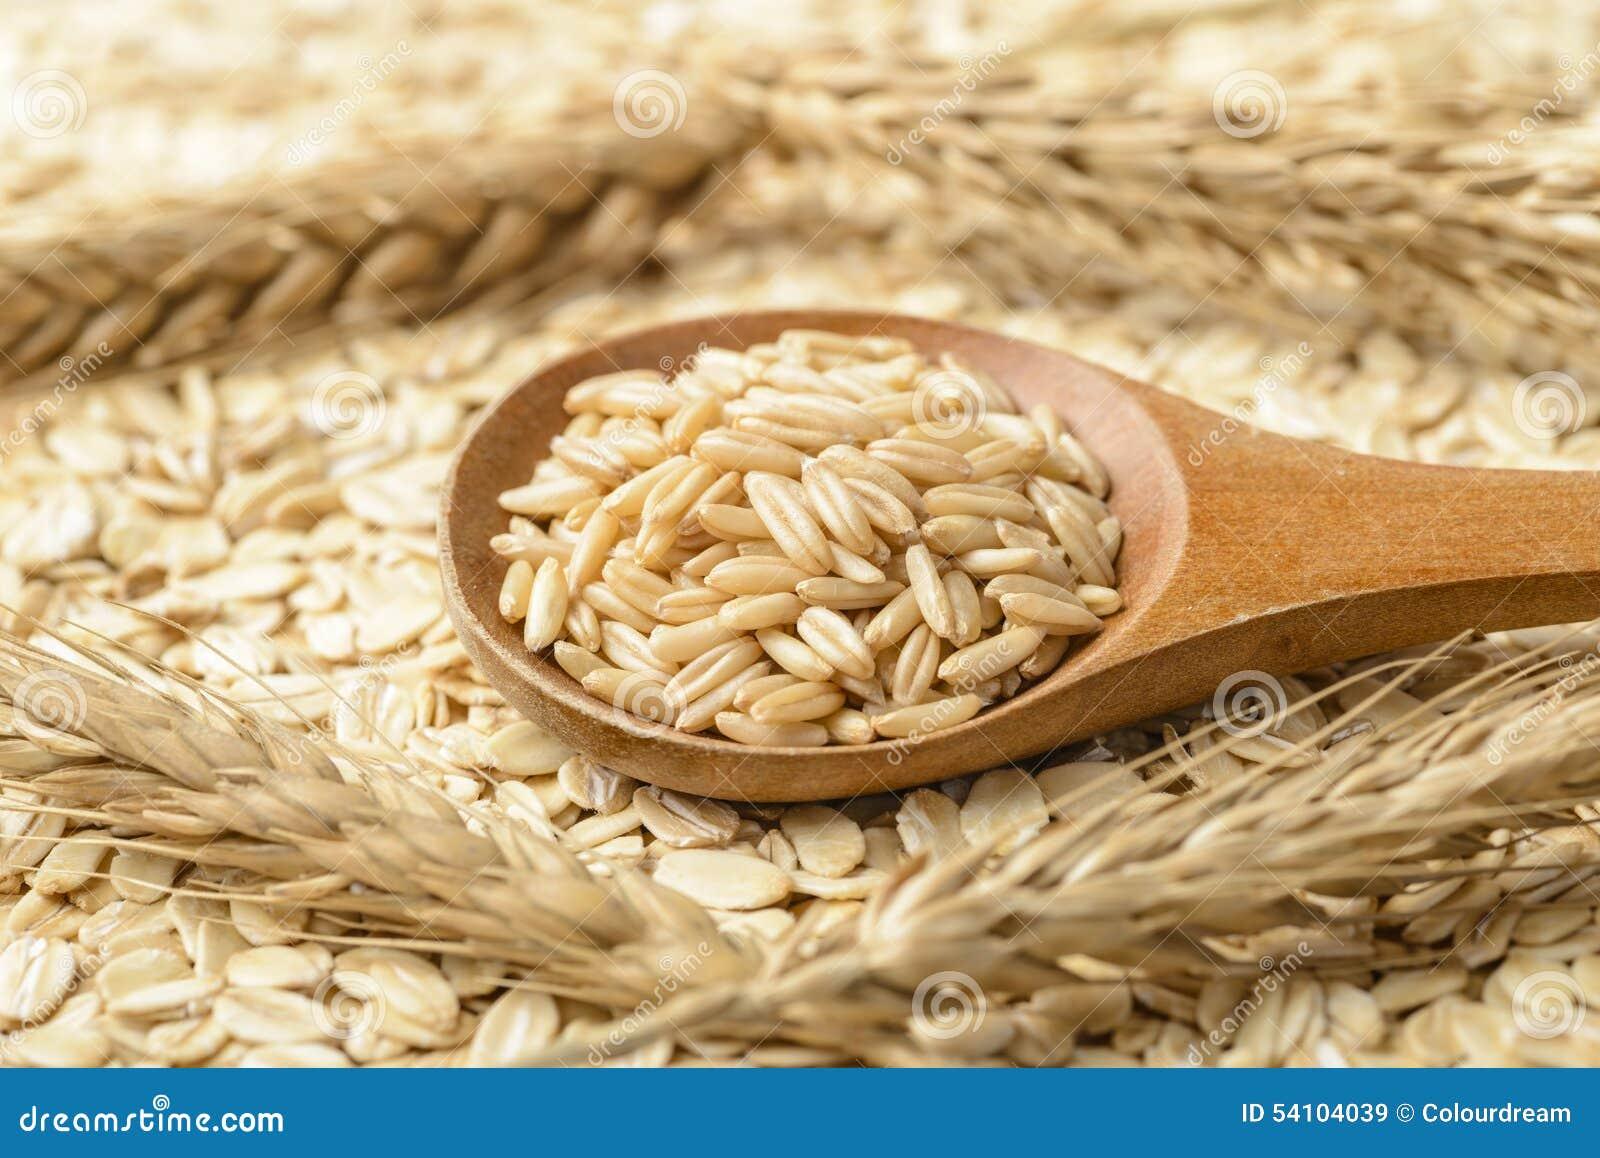 Овес  полезные свойства применение Лечение печени